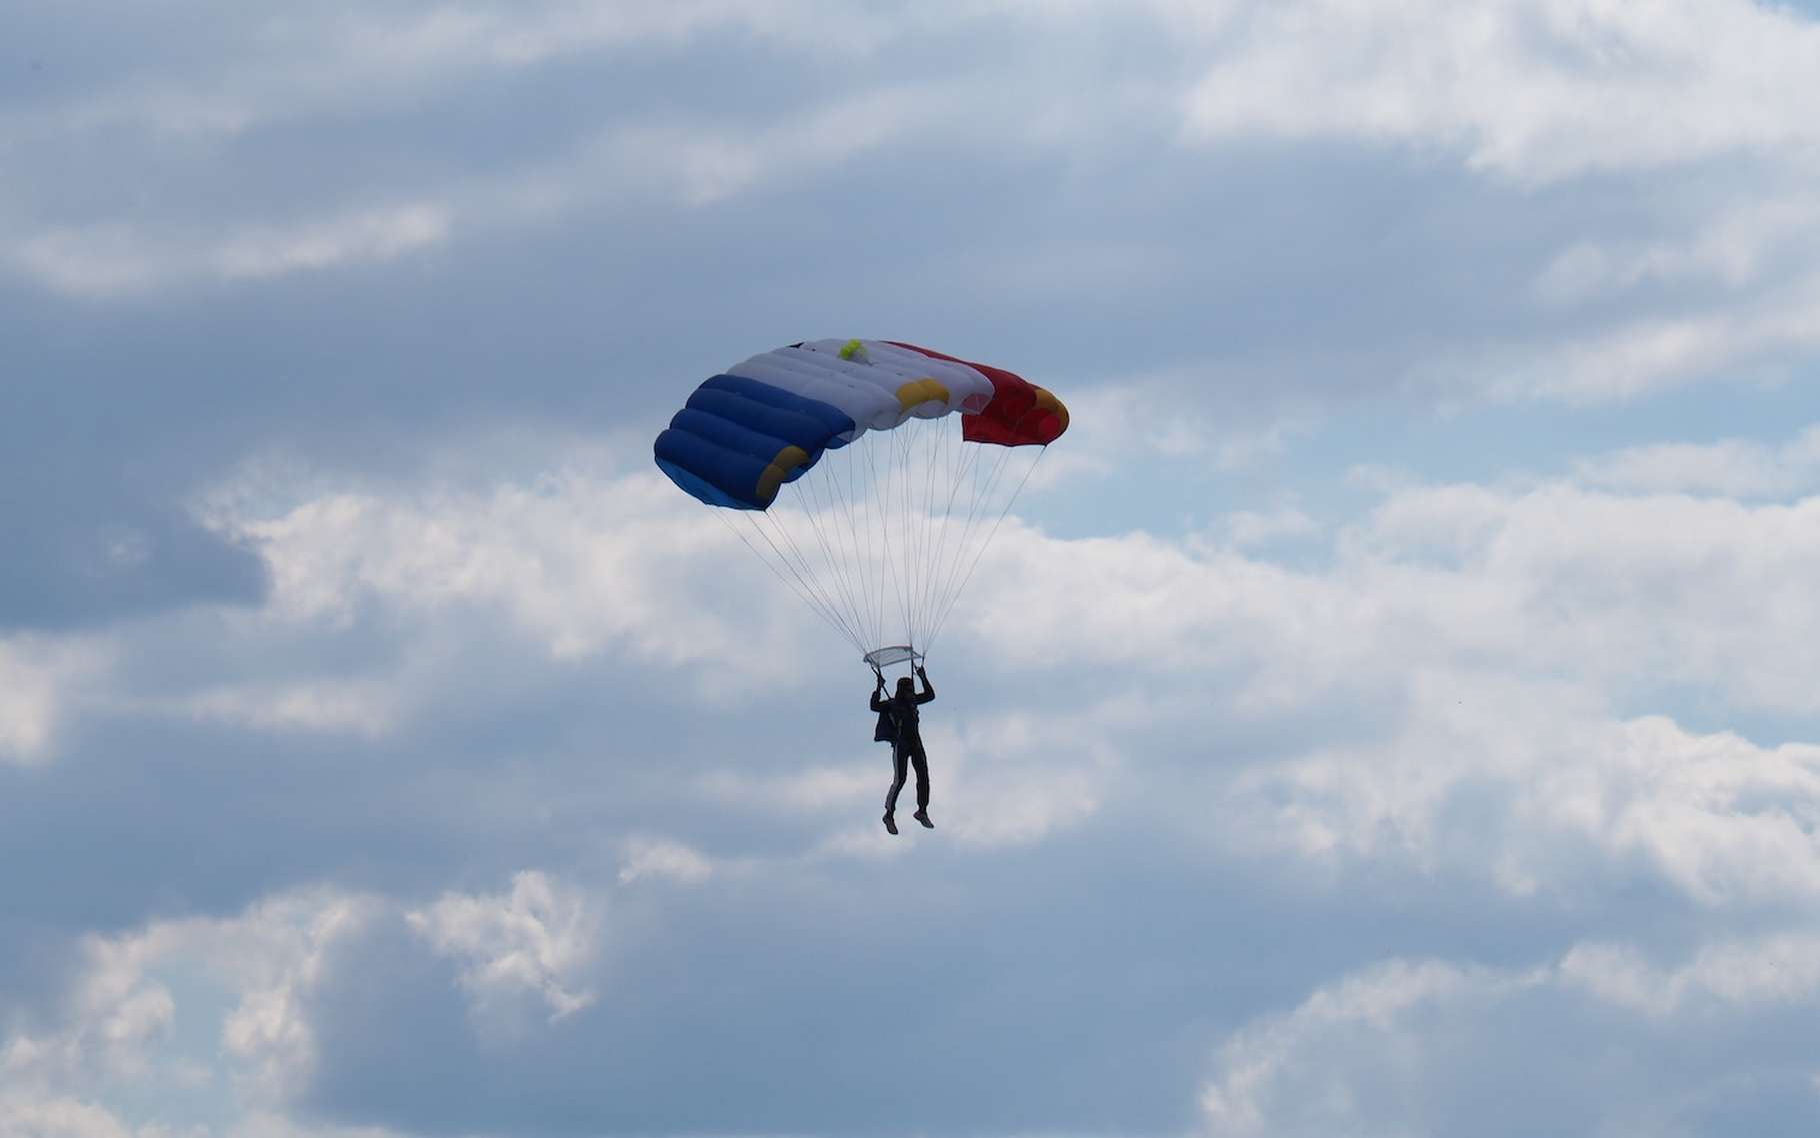 Si vous optez pour la Nouvelle-Zélande, les États-Unis ou encore les Émirats arabes unis ou le Népal pour sauter en parachute, il faudra vous assurez au préalable des règles en vigueur dans le pays en question. Elles peuvent être différentes de celles que nous connaissons en France en matière d'âge, de poids, de condition physique, etc. © Raphaël Garcin, Unsplash